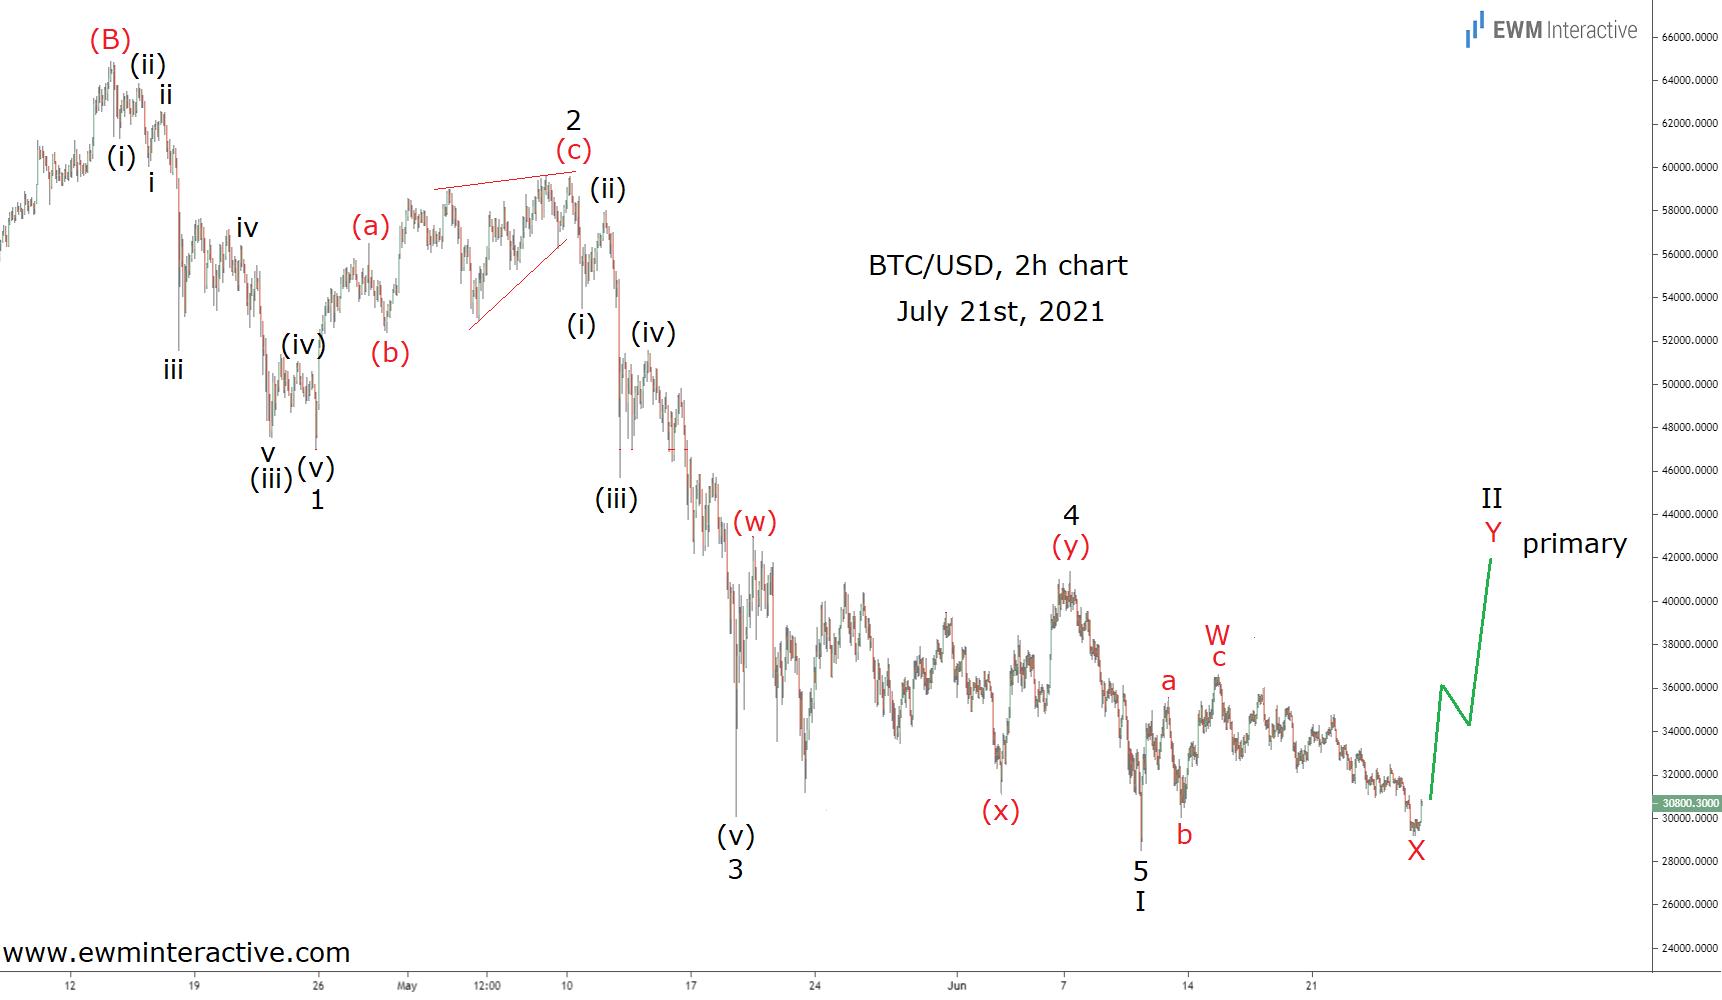 Bitcoin corrective recovery in progress